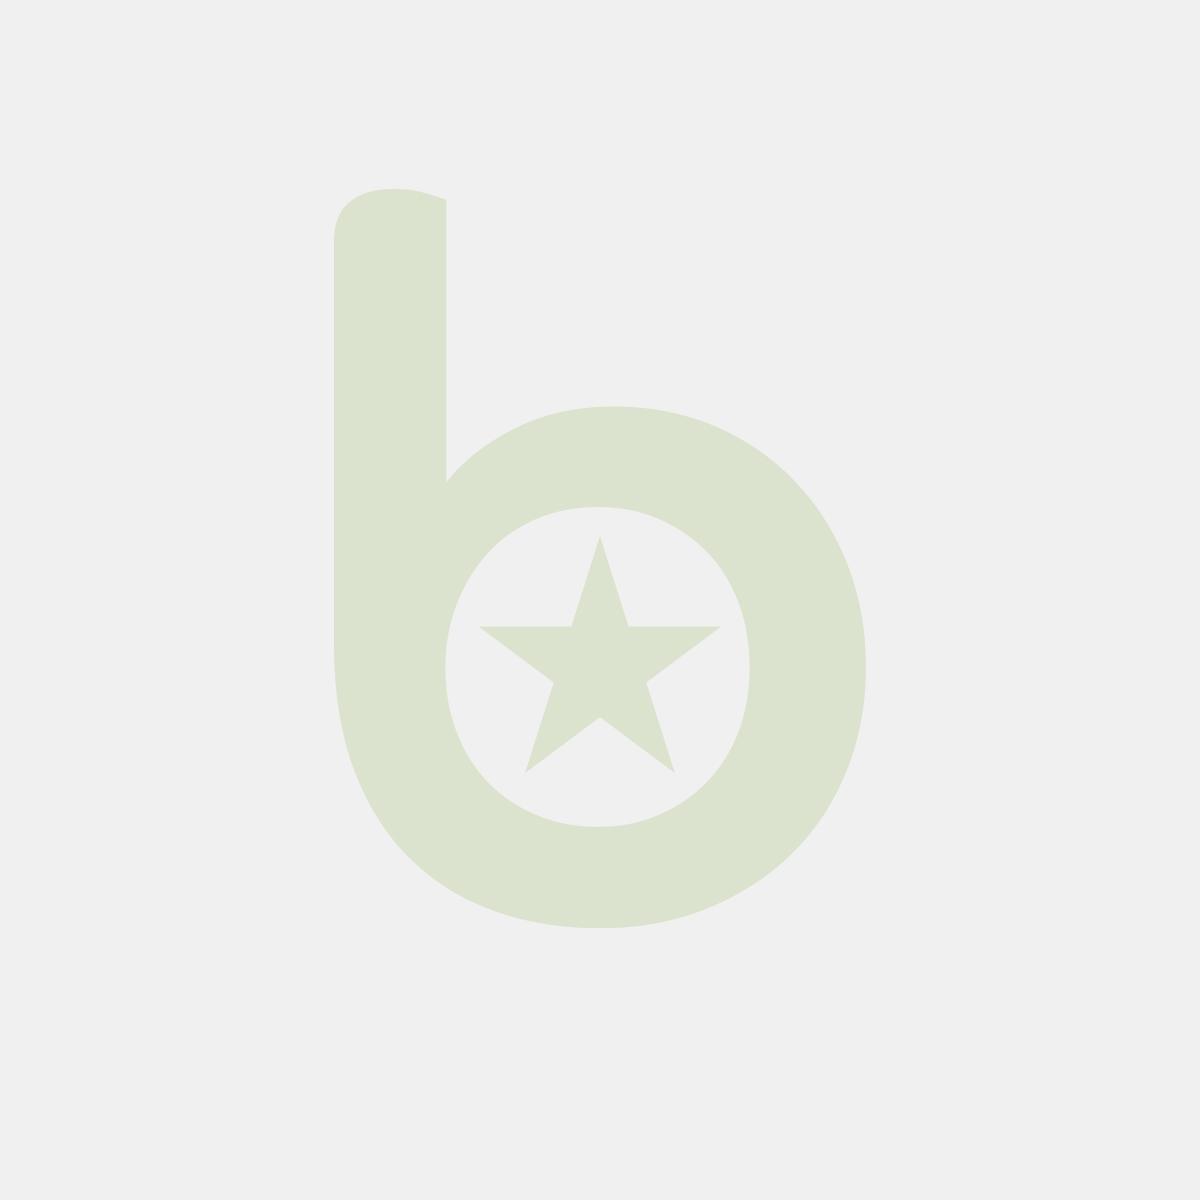 Rynienka kartonik HOT-DOG 200x65x45mm KRATKA CZERWONA, cena za opakowanie 100szt